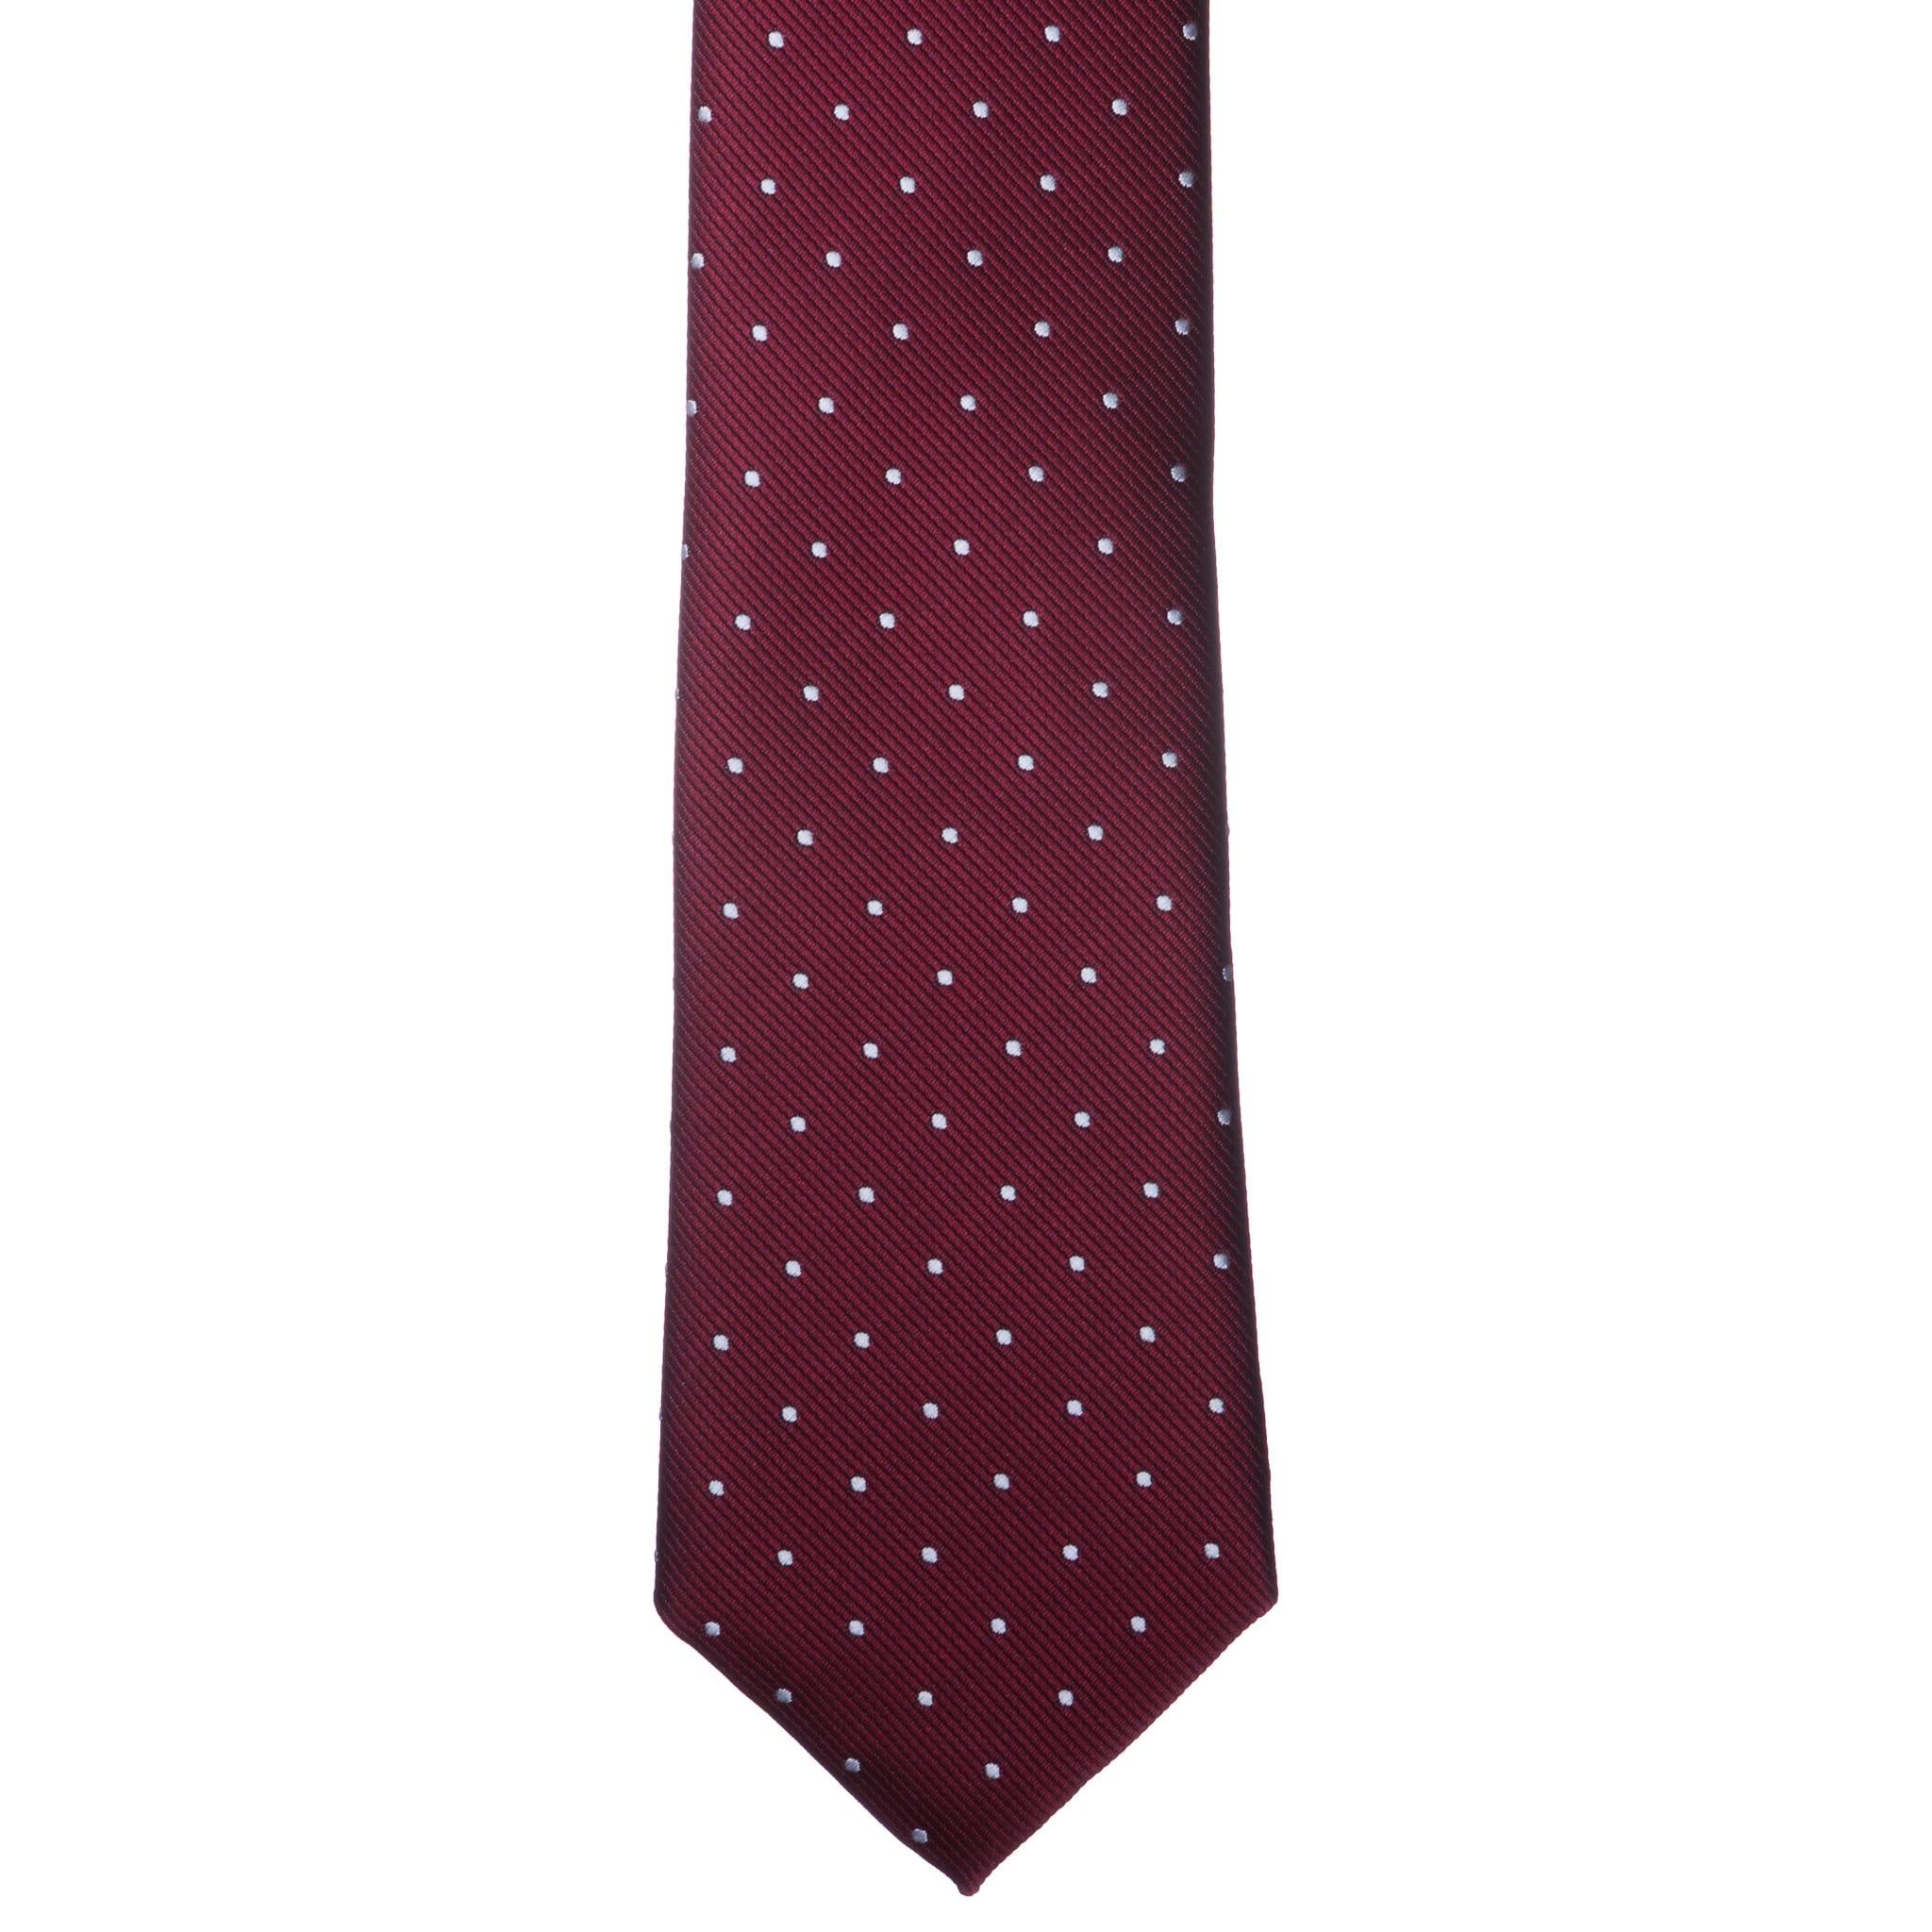 7859c9cebd Bordó fehér pöttyös nyakkendő - Elite Fashion Öltönyház